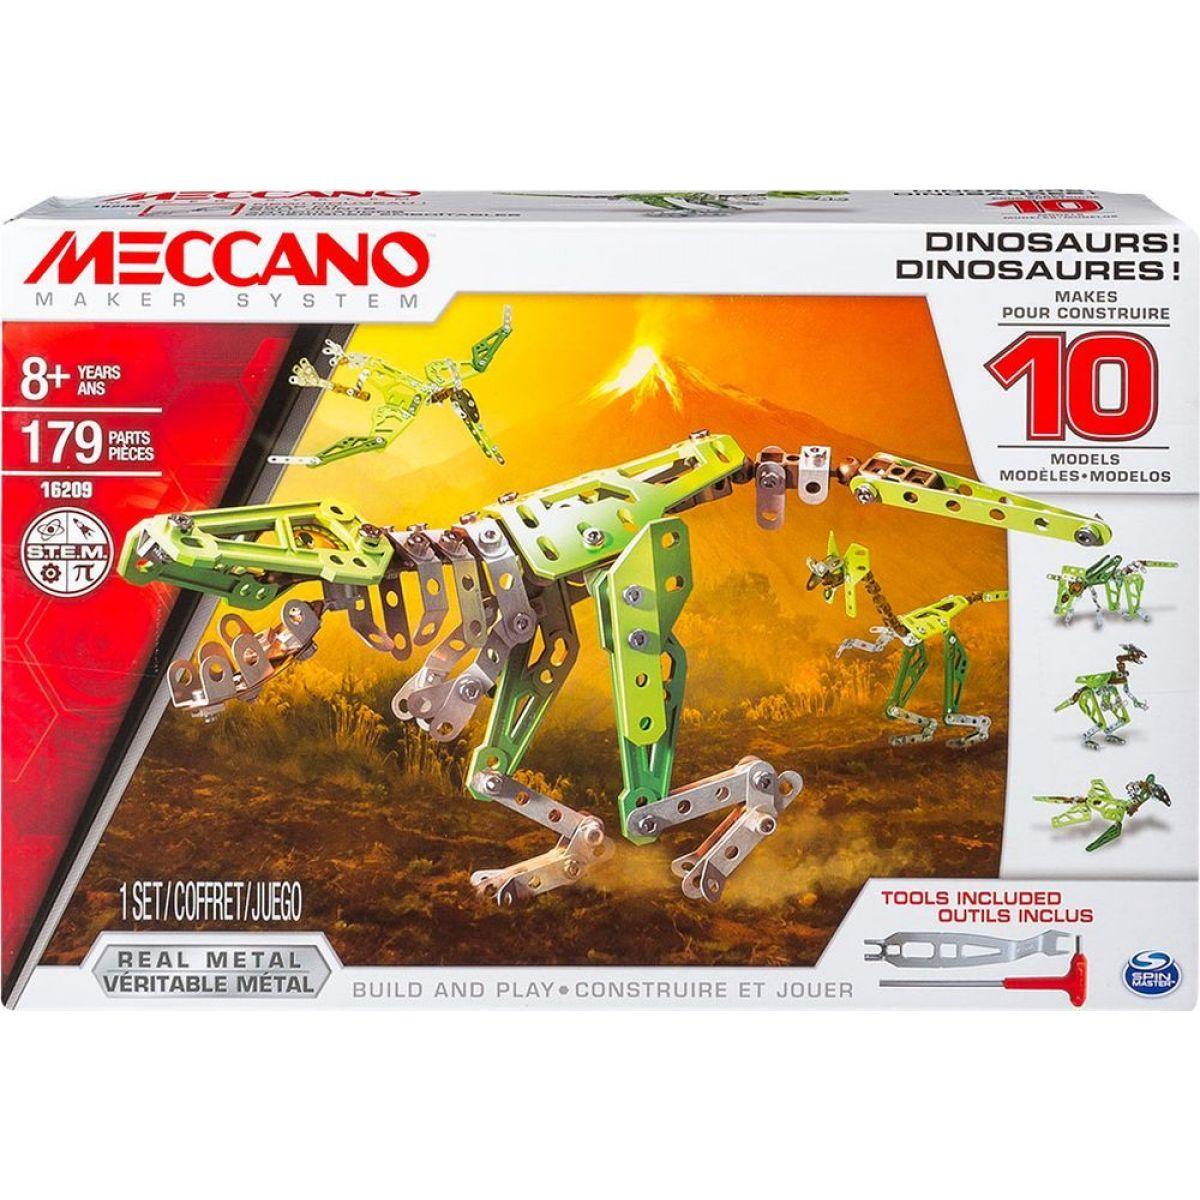 Meccano Stavebnice 10v1 Dinosauři